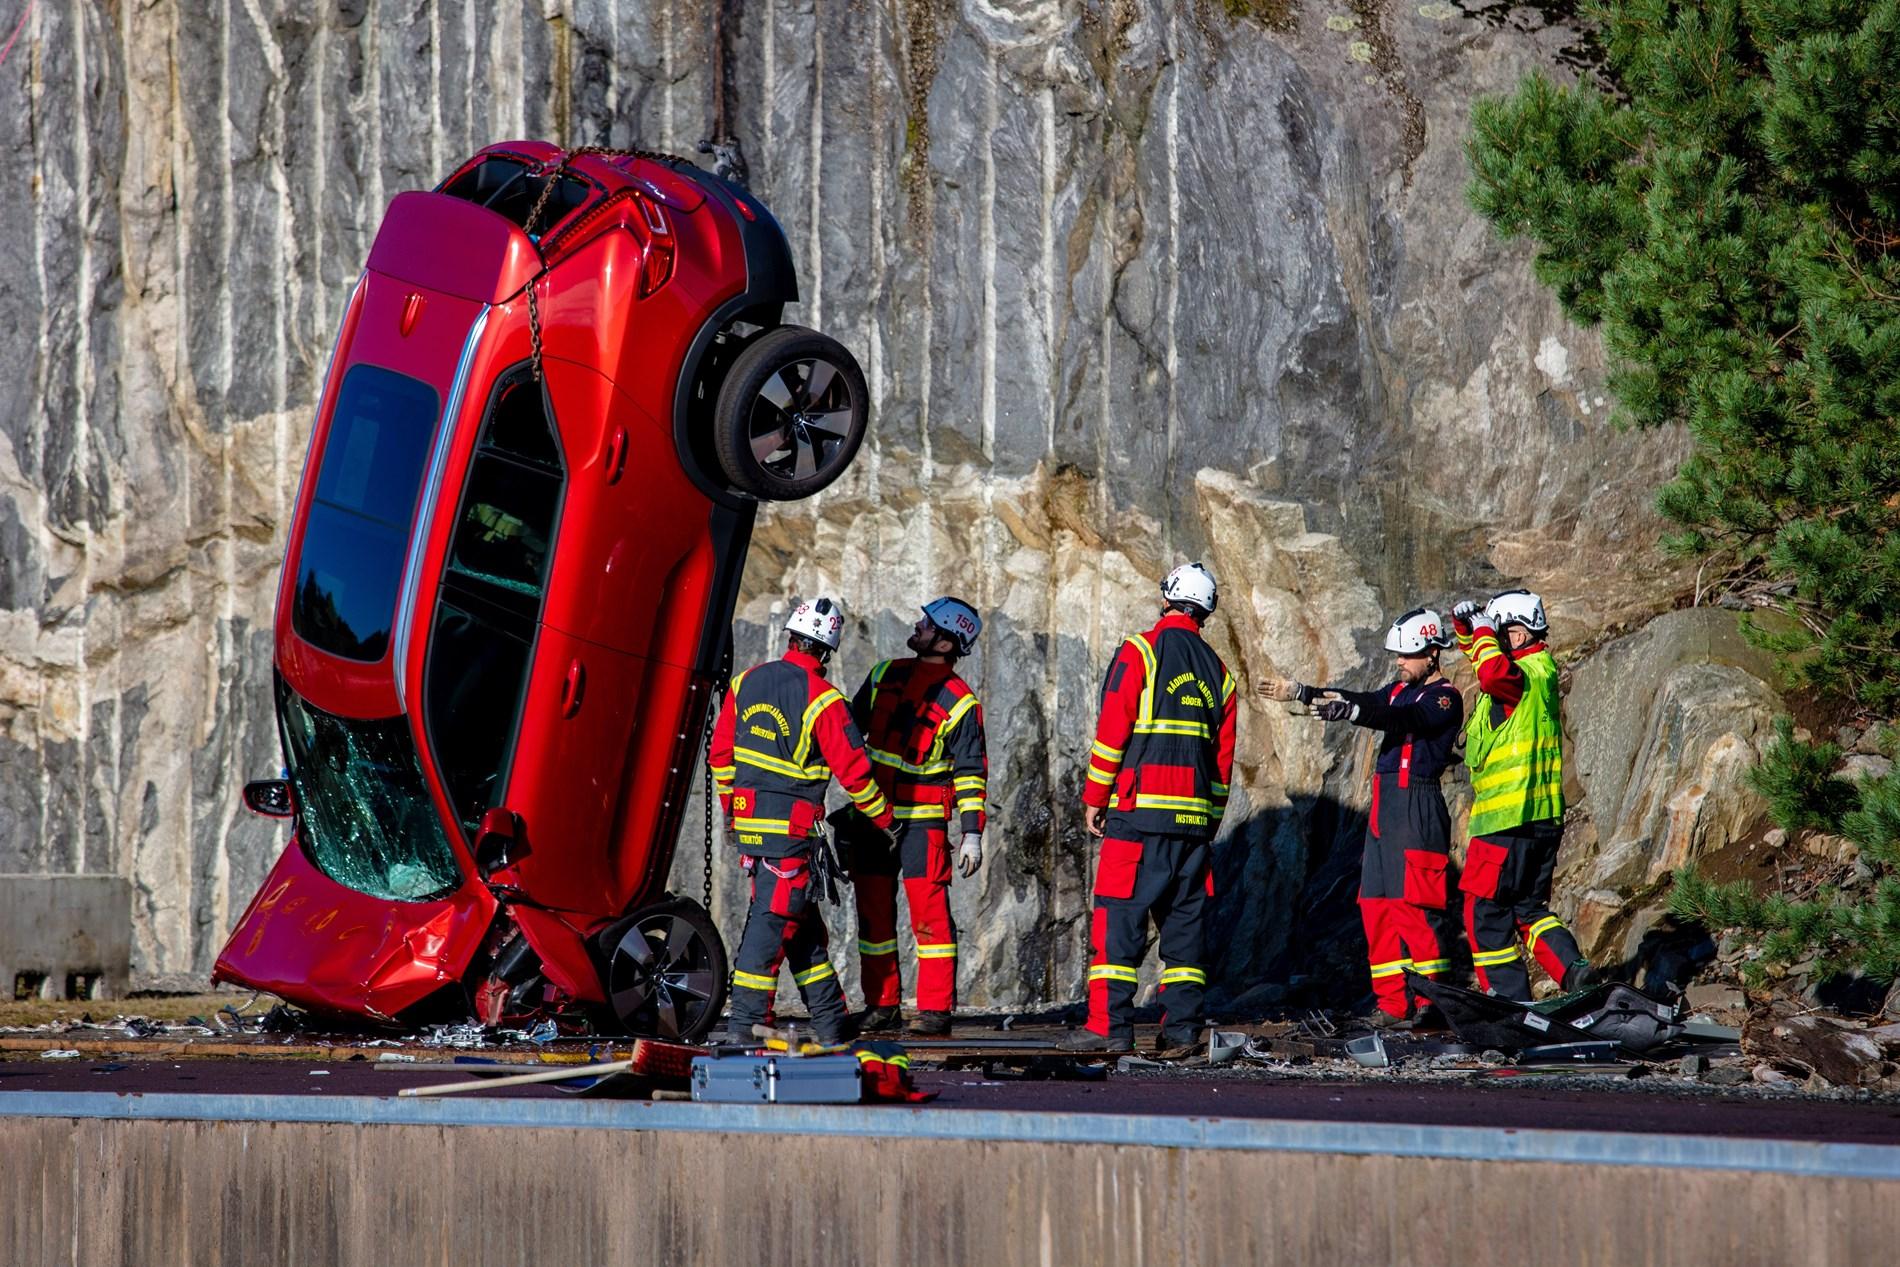 Van Houdt Kijk toe terwijl Volvo Cars nieuwe auto's vanop 30 meter hoogte te pletter laat storten om de reddingsdiensten te helpen levens te redden